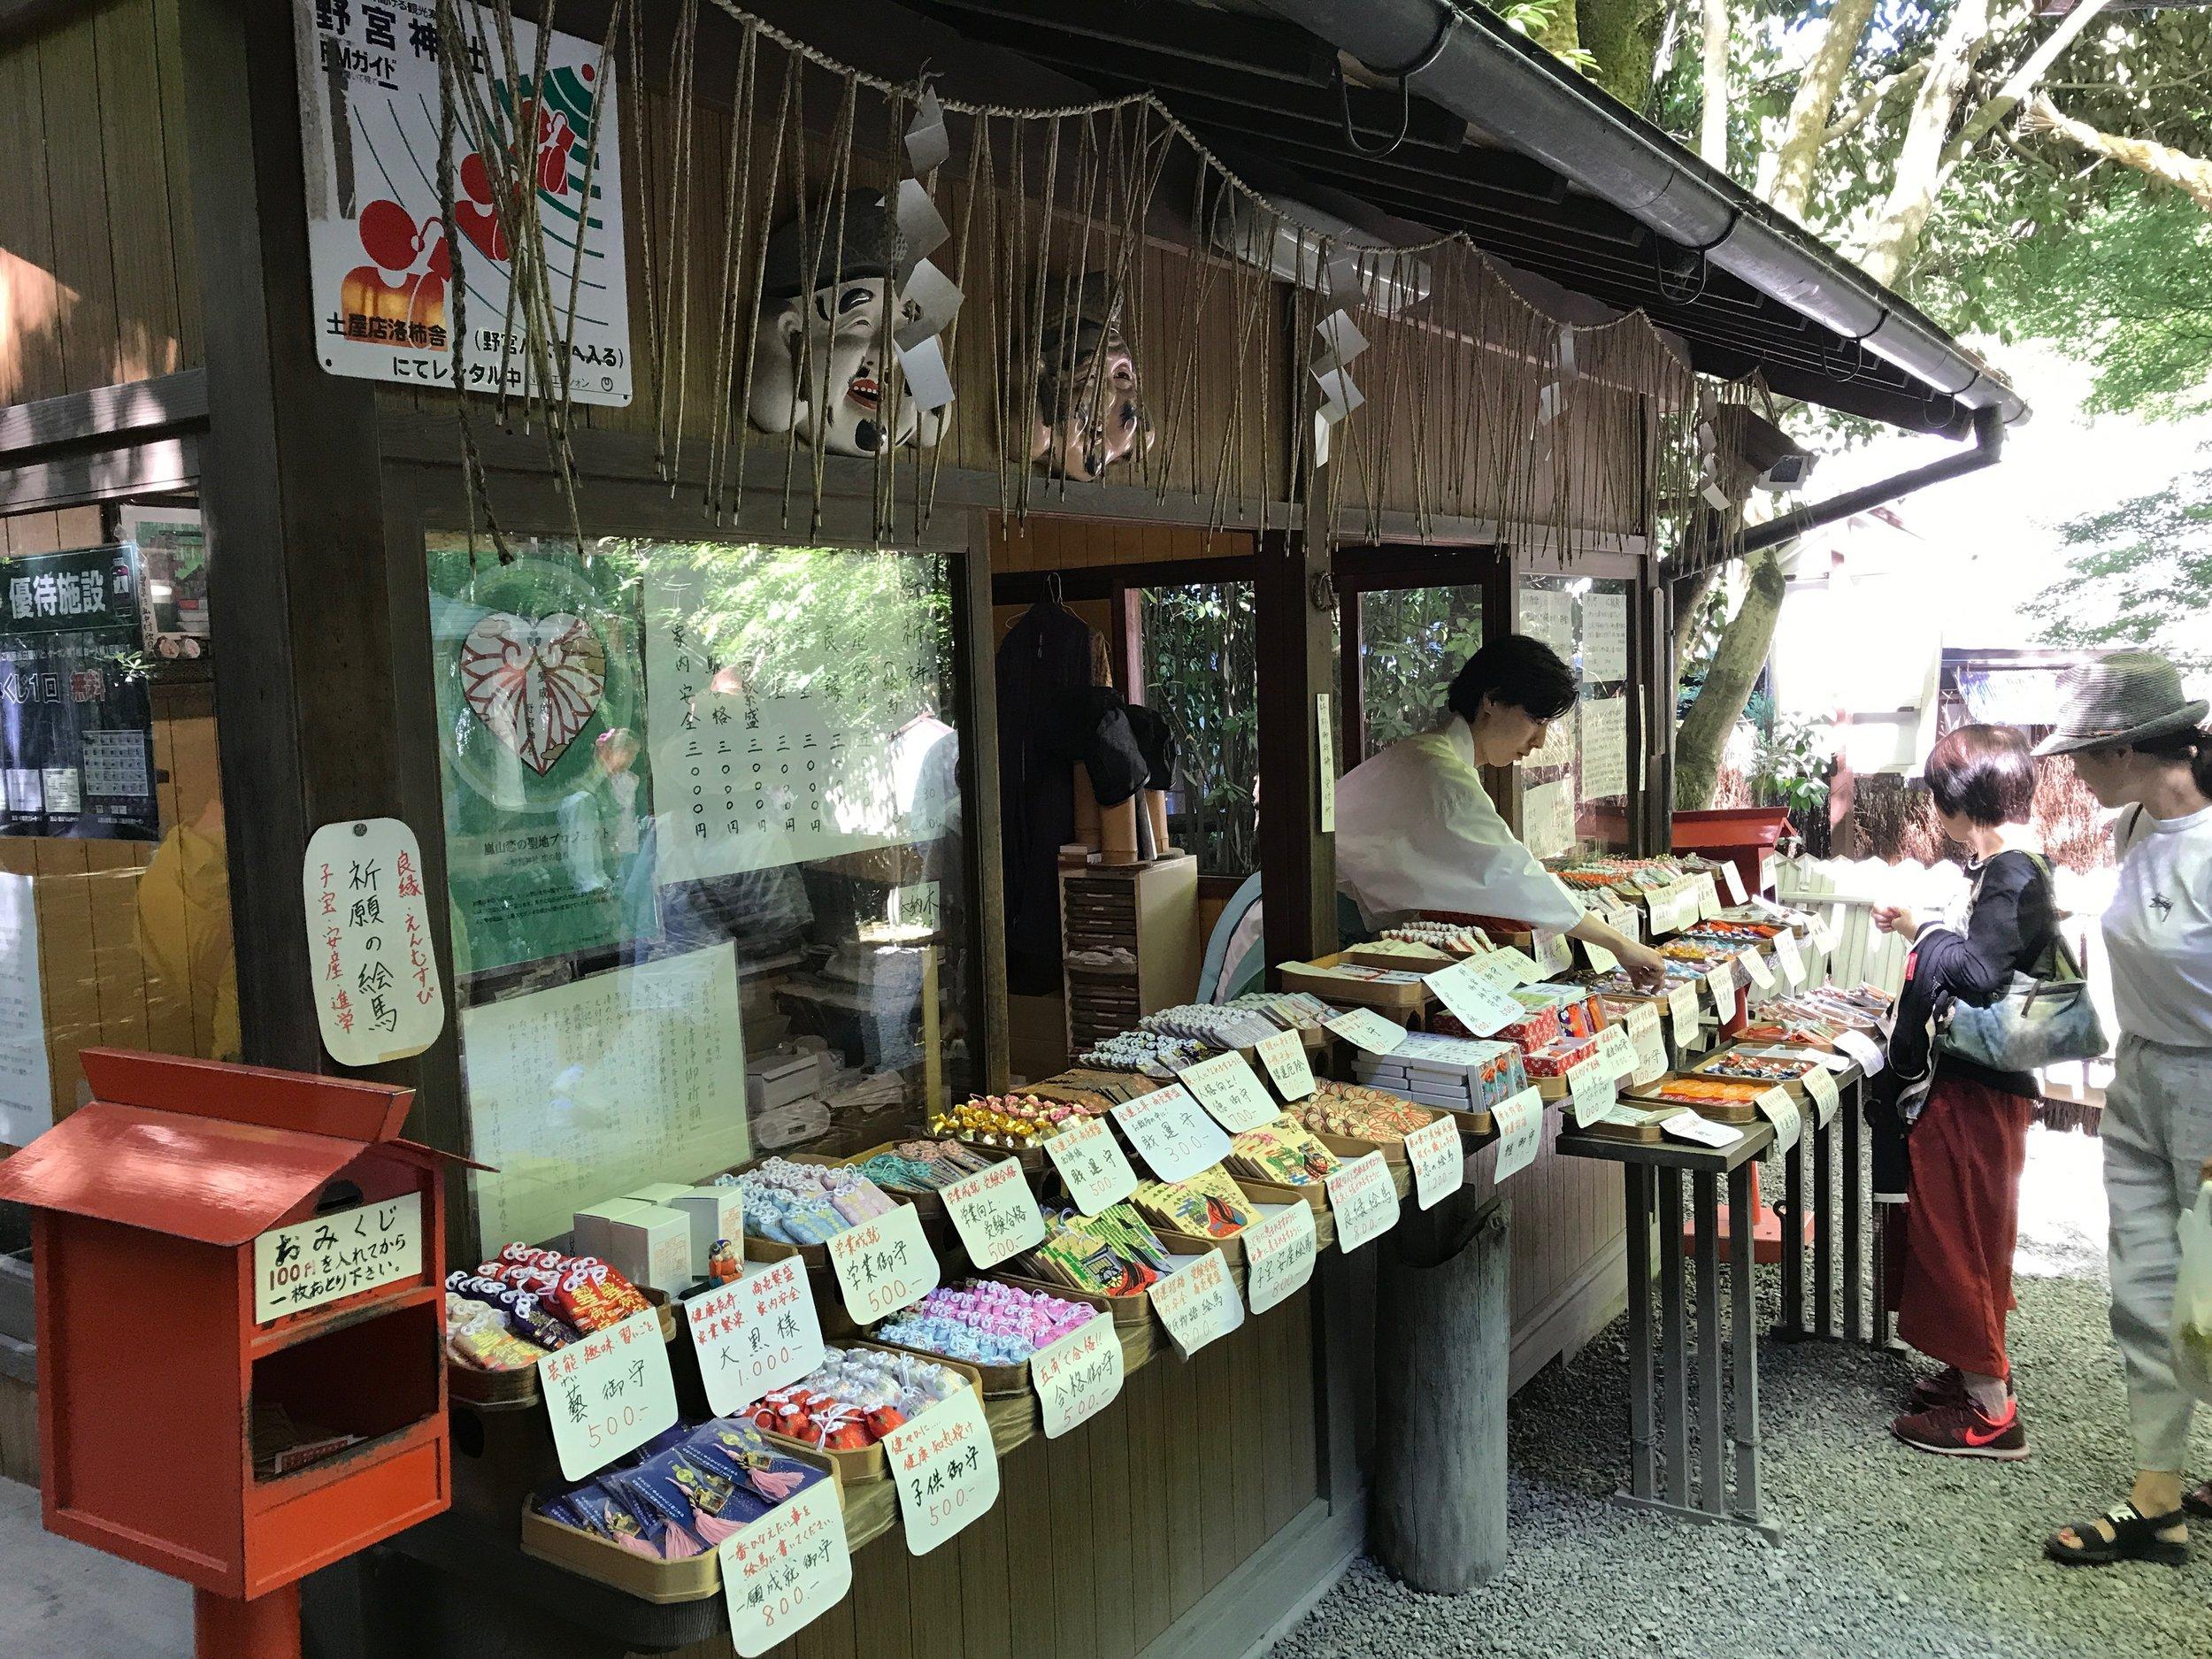 Omamori for sale at Nonomiya Jinja in Arashiyama, Kyoto.